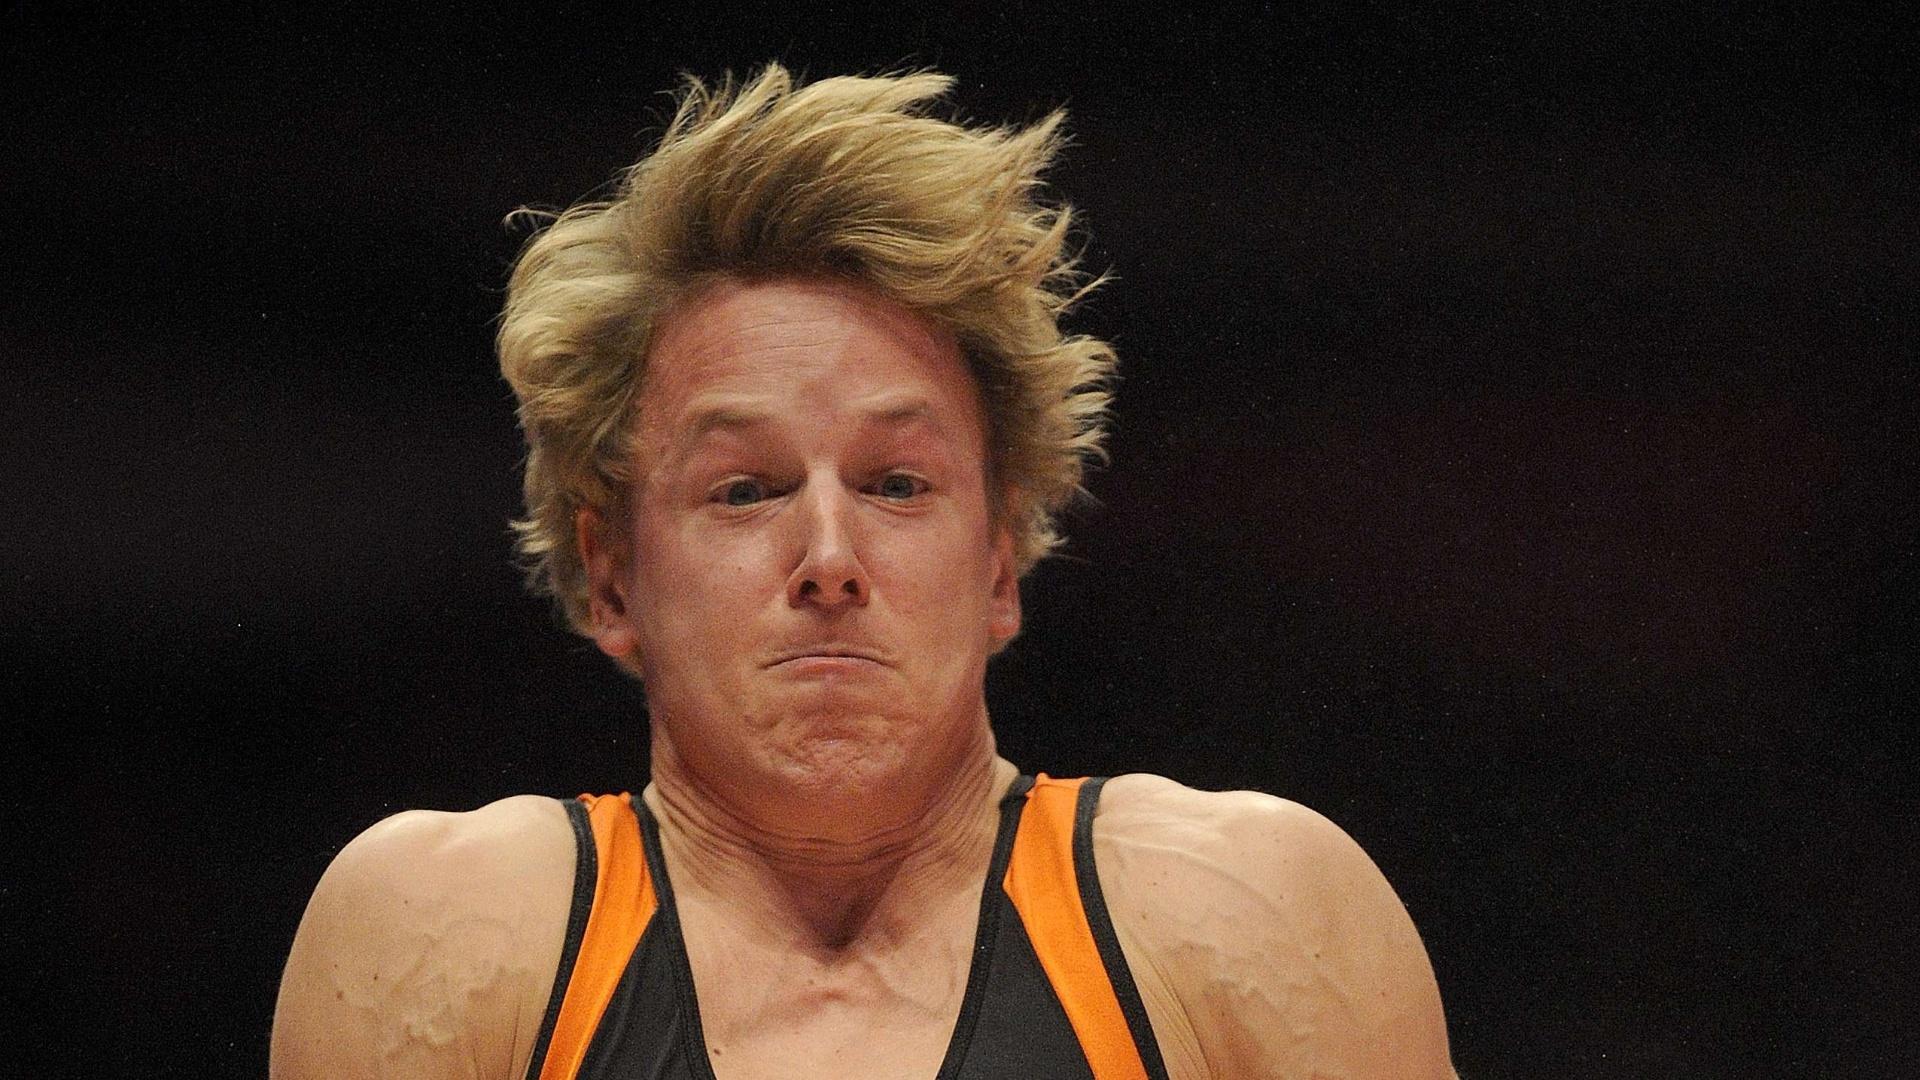 Epke Zonderland, ginasta holandês, nas barras paralelas durante a eliminatória do Mundial de ginástica artística